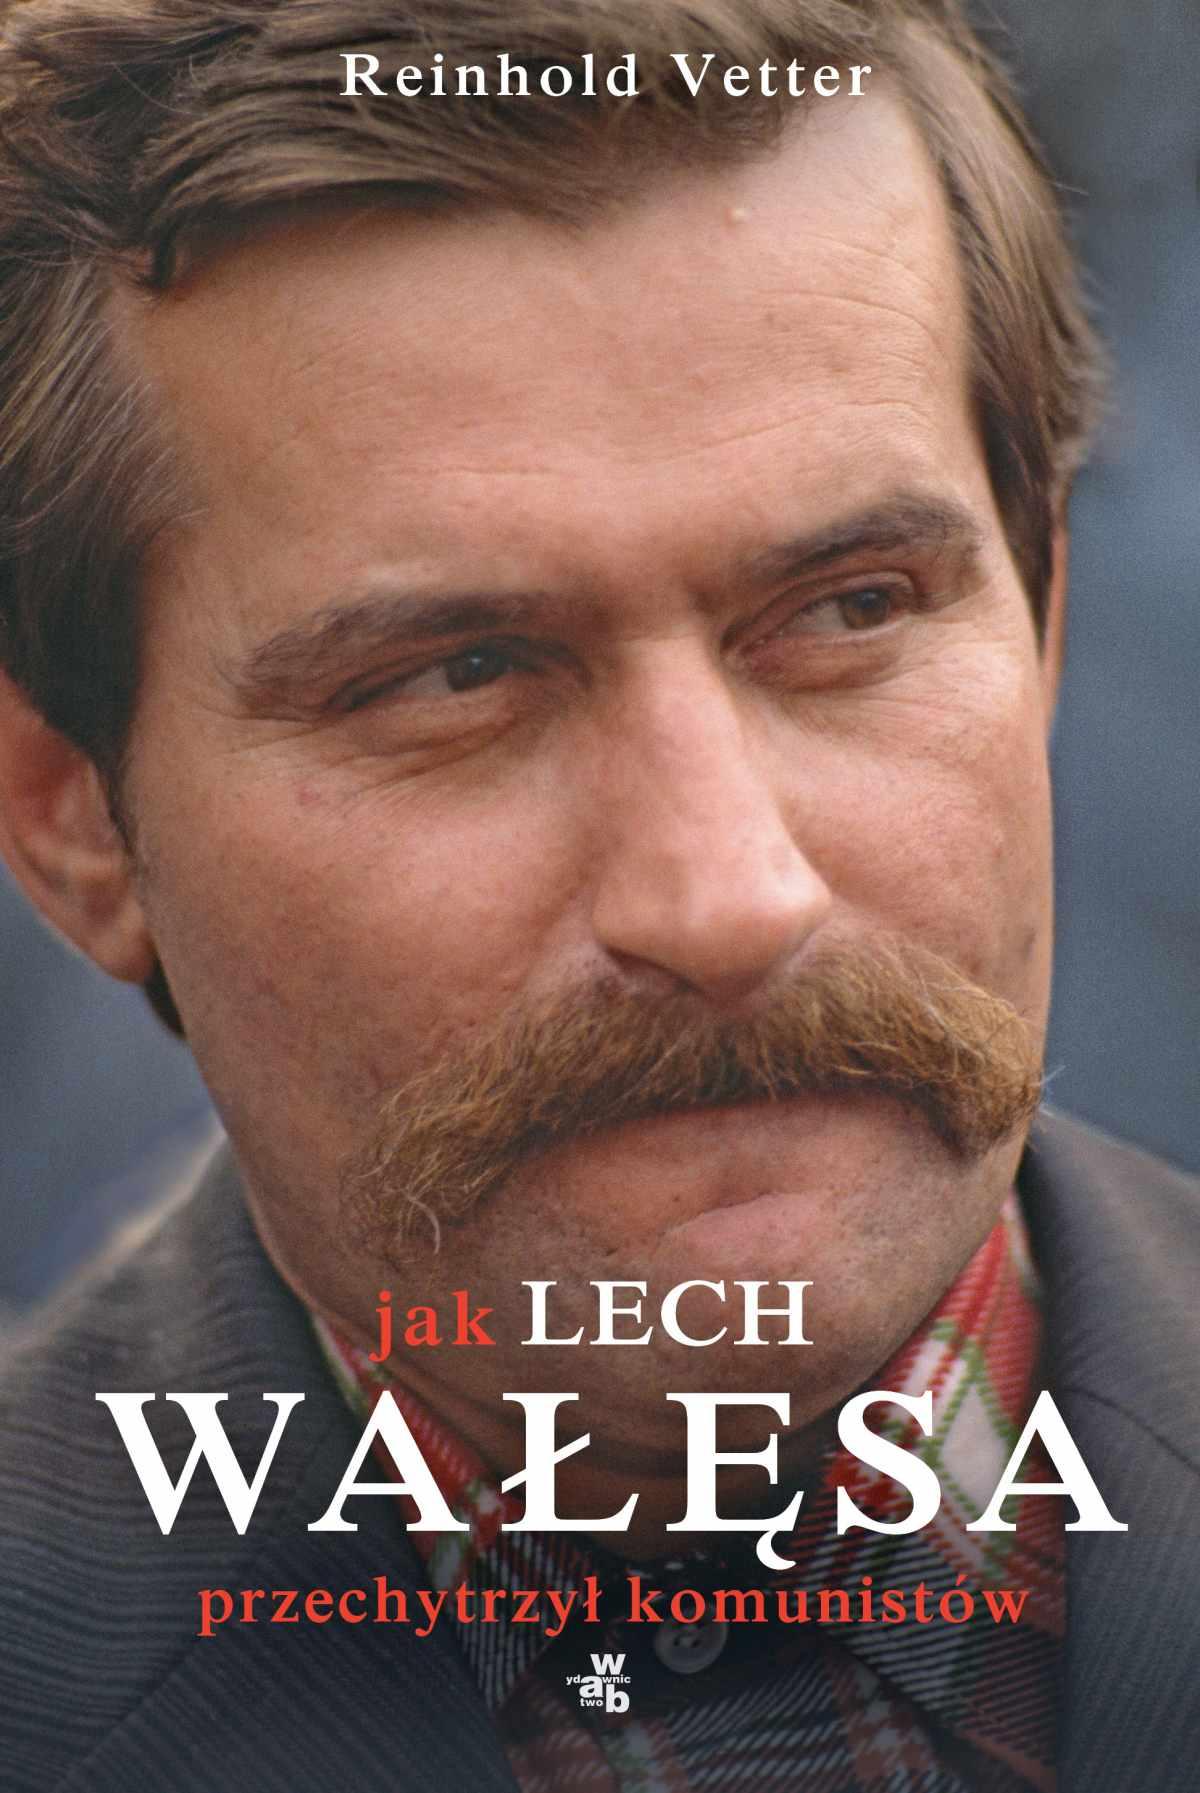 Jak Lech Wałęsa przechytrzył komunistów - Ebook (Książka EPUB) do pobrania w formacie EPUB